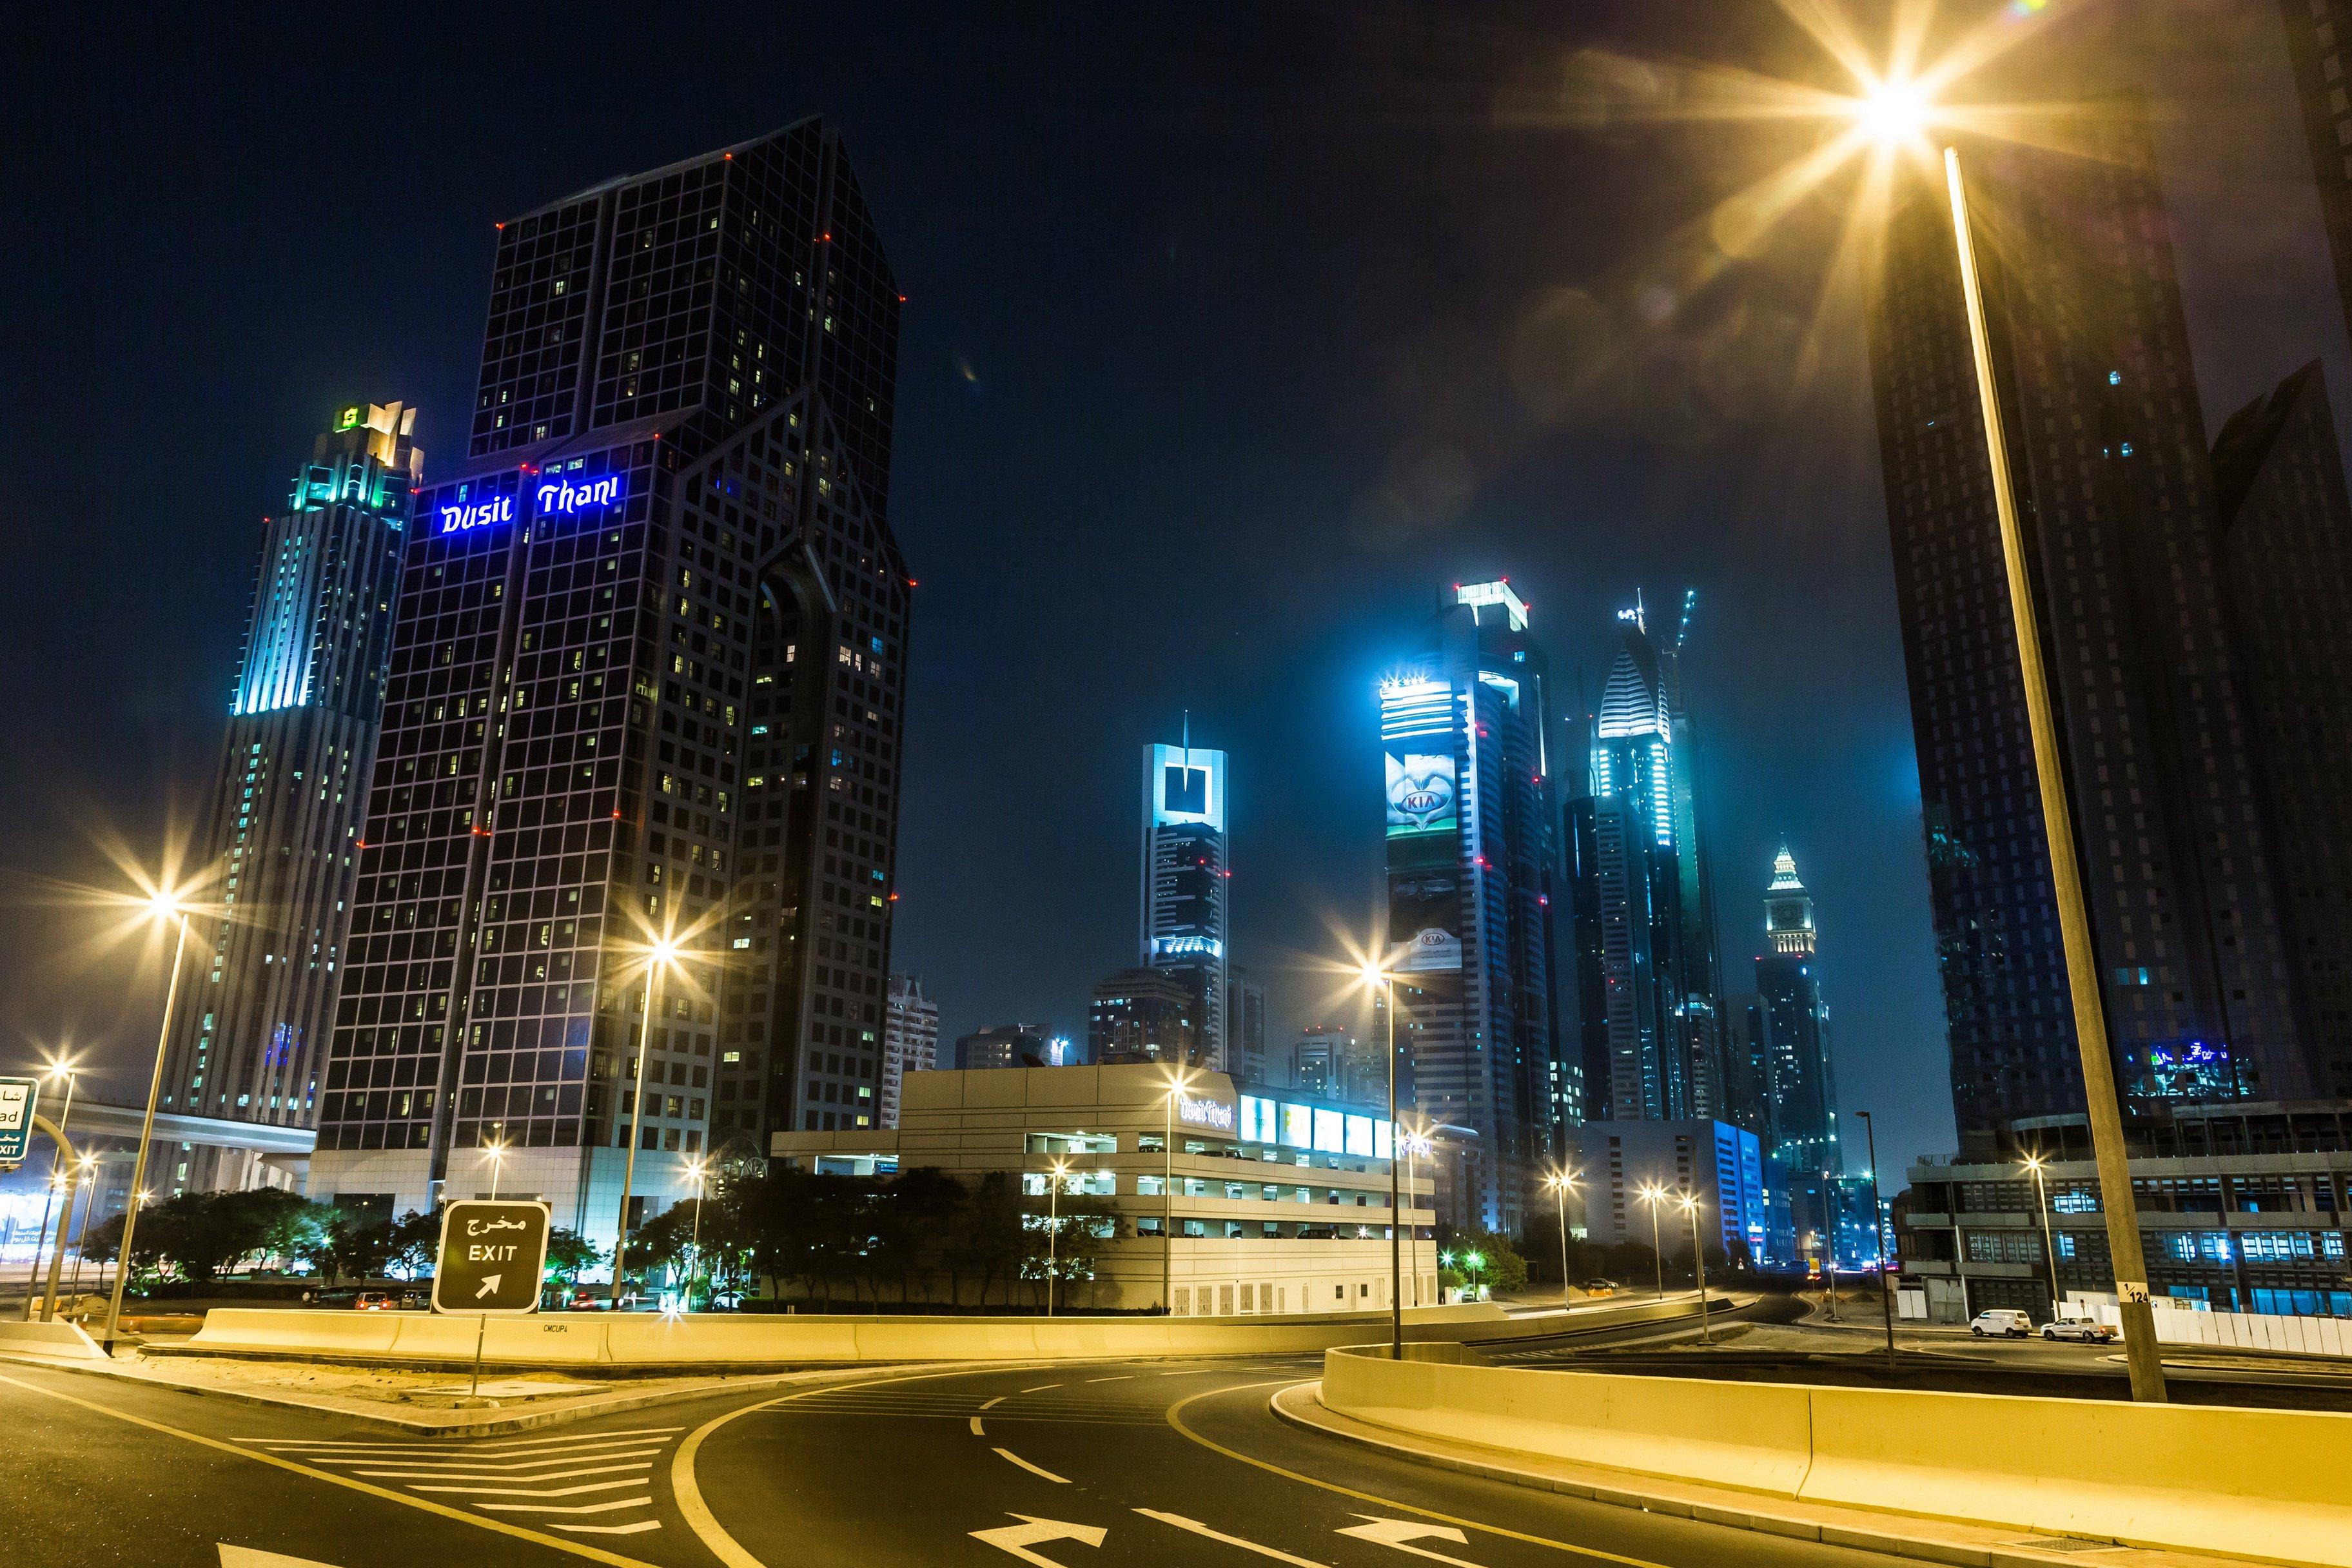 Download Wallpaper Night Dubai - ff24d3caf6d1aa9183fe394f34ca06ec  Collection-365412.jpg